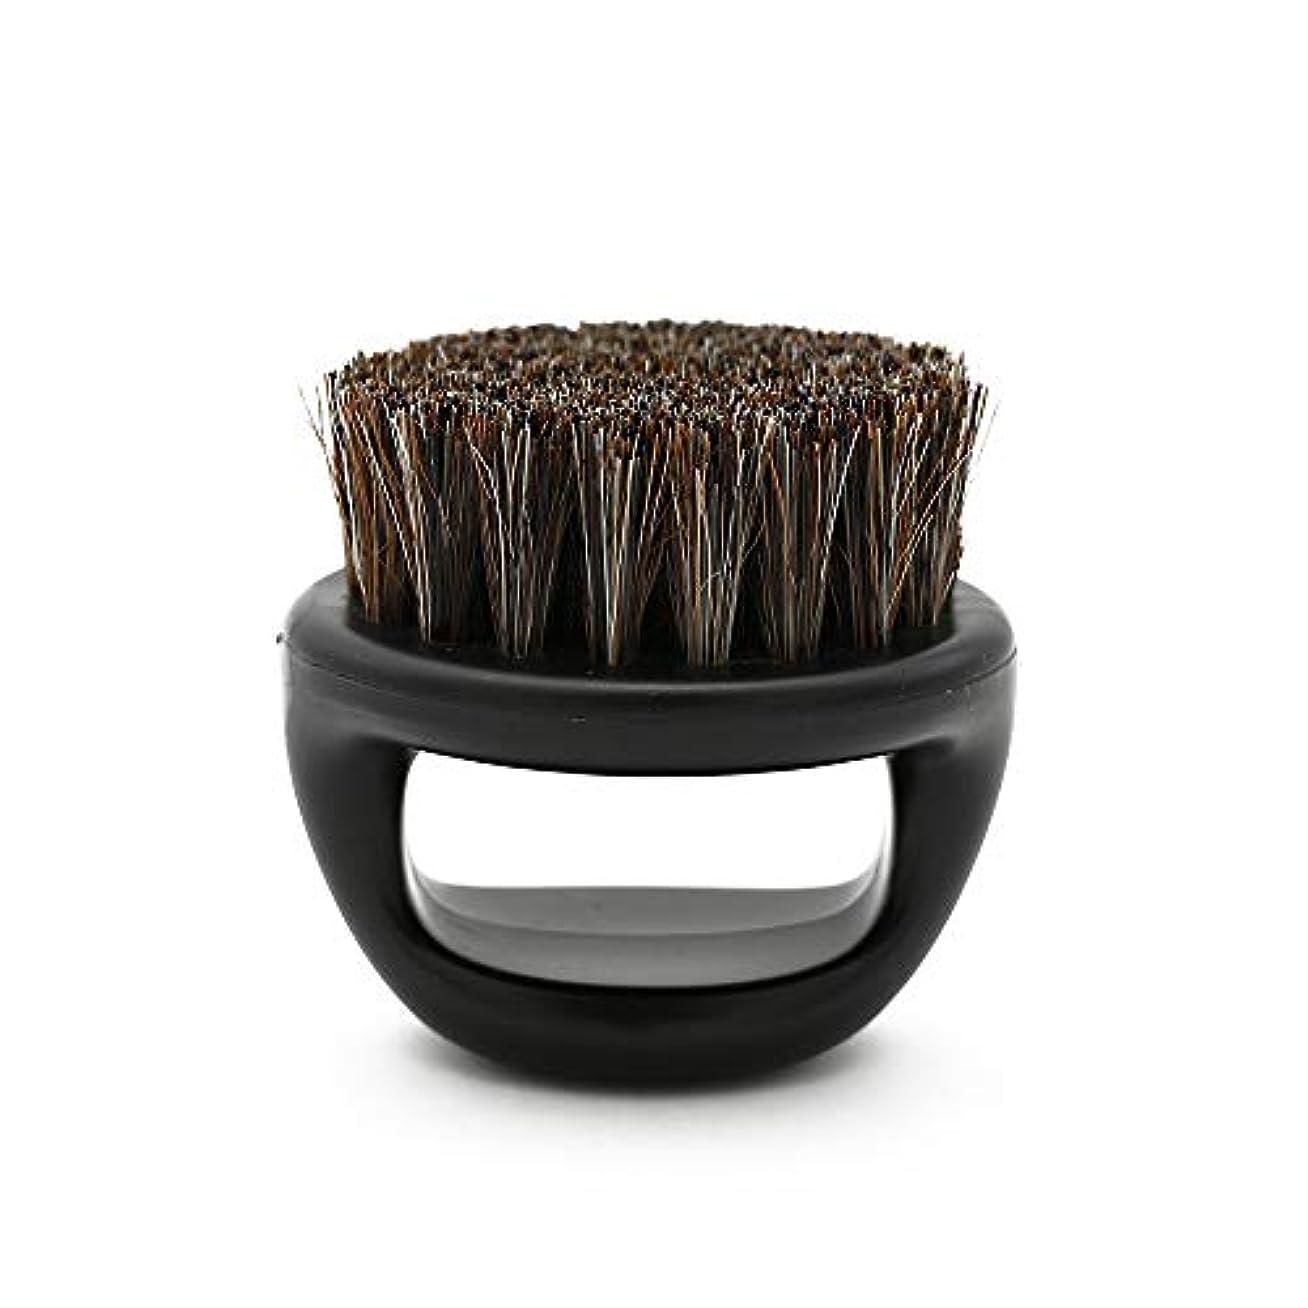 軽量削る酸CUHAWUDBA 1個リングデザイン馬毛メンズシェービングブラシプラスチック製の可搬式理容ひげブラシサロンフェイスクリーニングかみそりブラシ(ブラック)